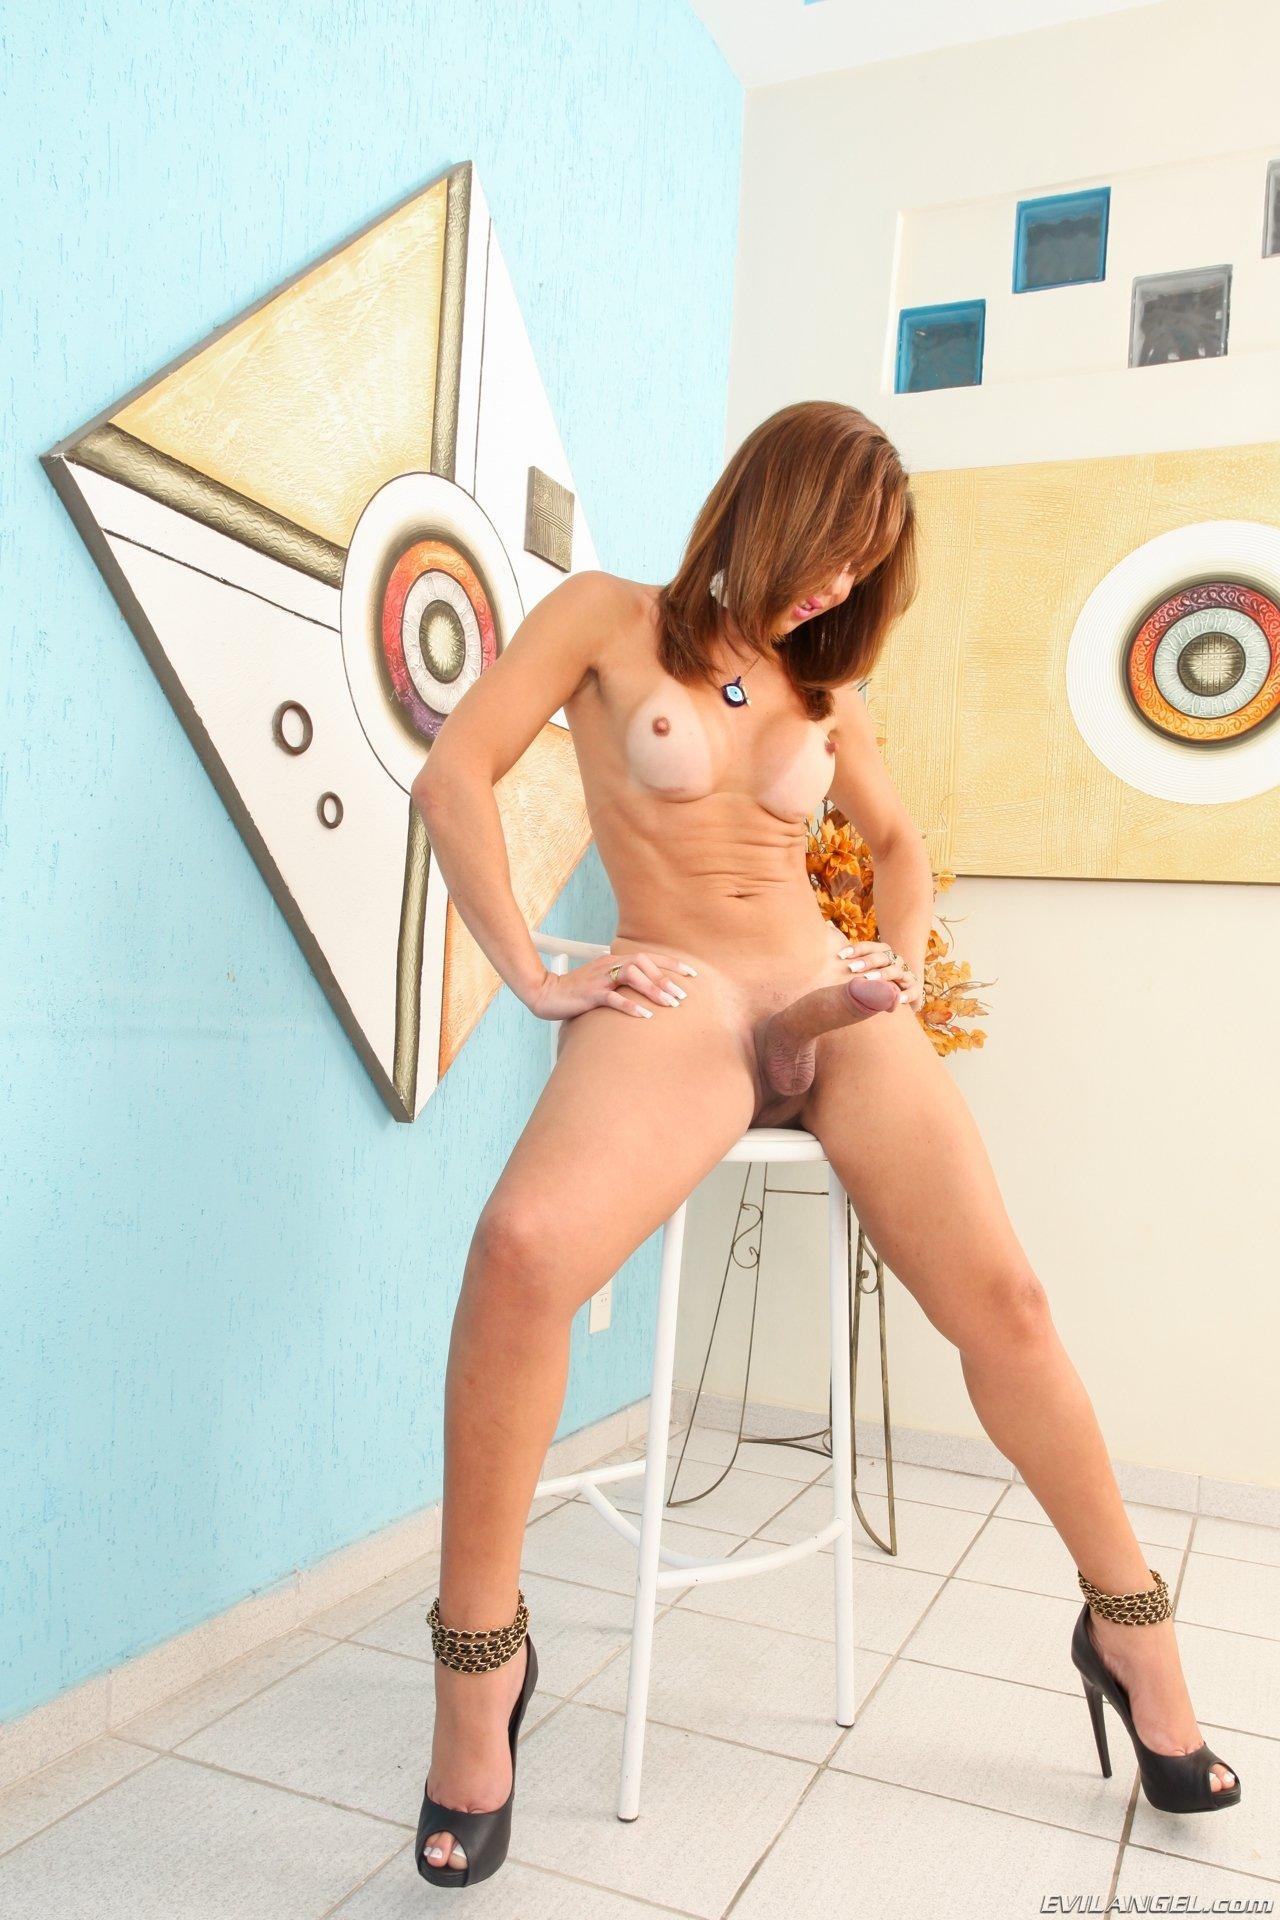 Транссексуал - Порно фото галерея 1064363